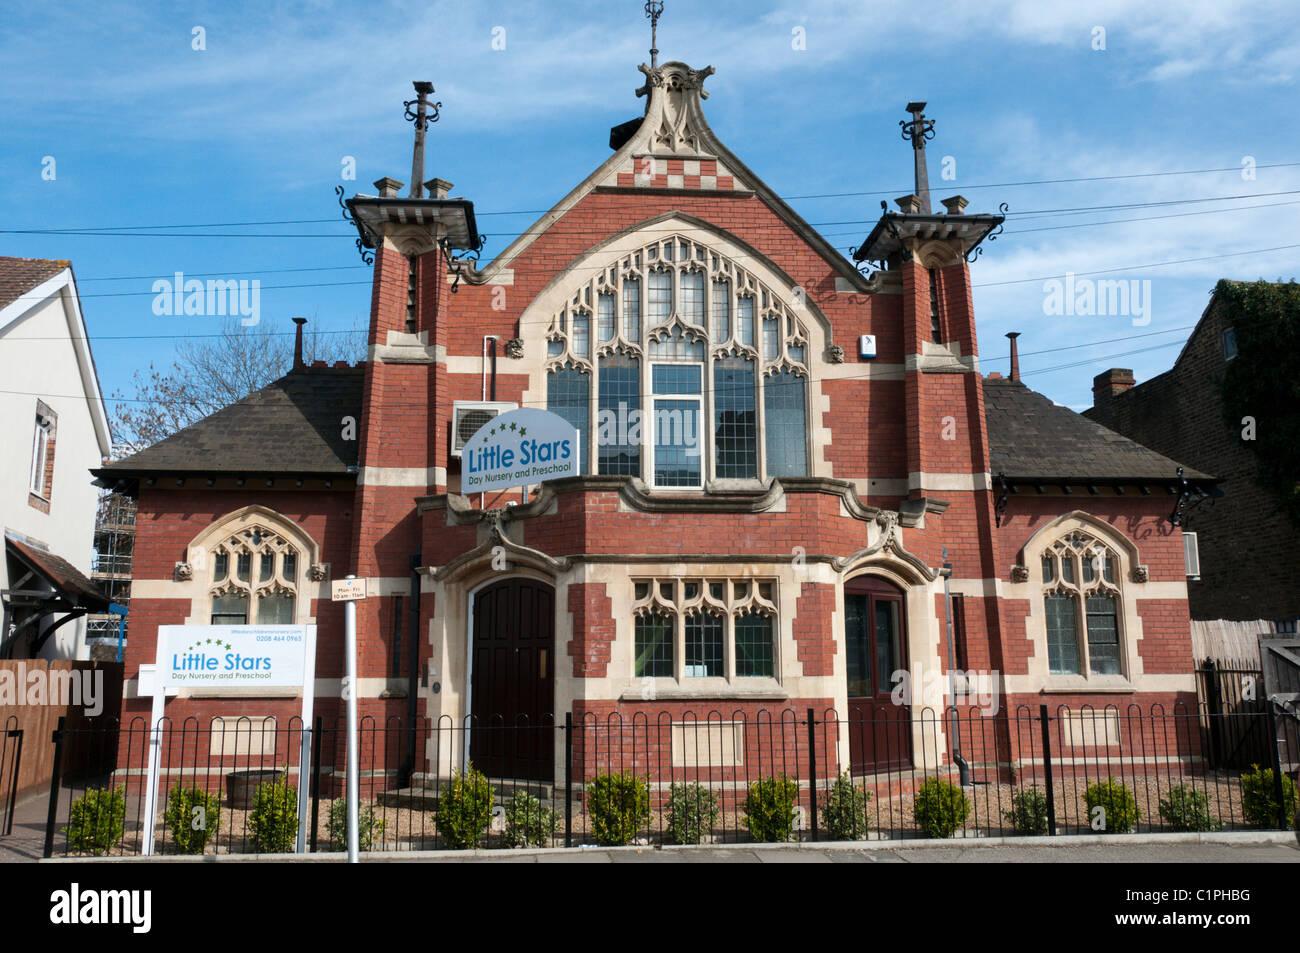 Il Little Stars nido e della scuola materna in Shortlands è gestito da vivai Casterbridge Ltd. Immagini Stock